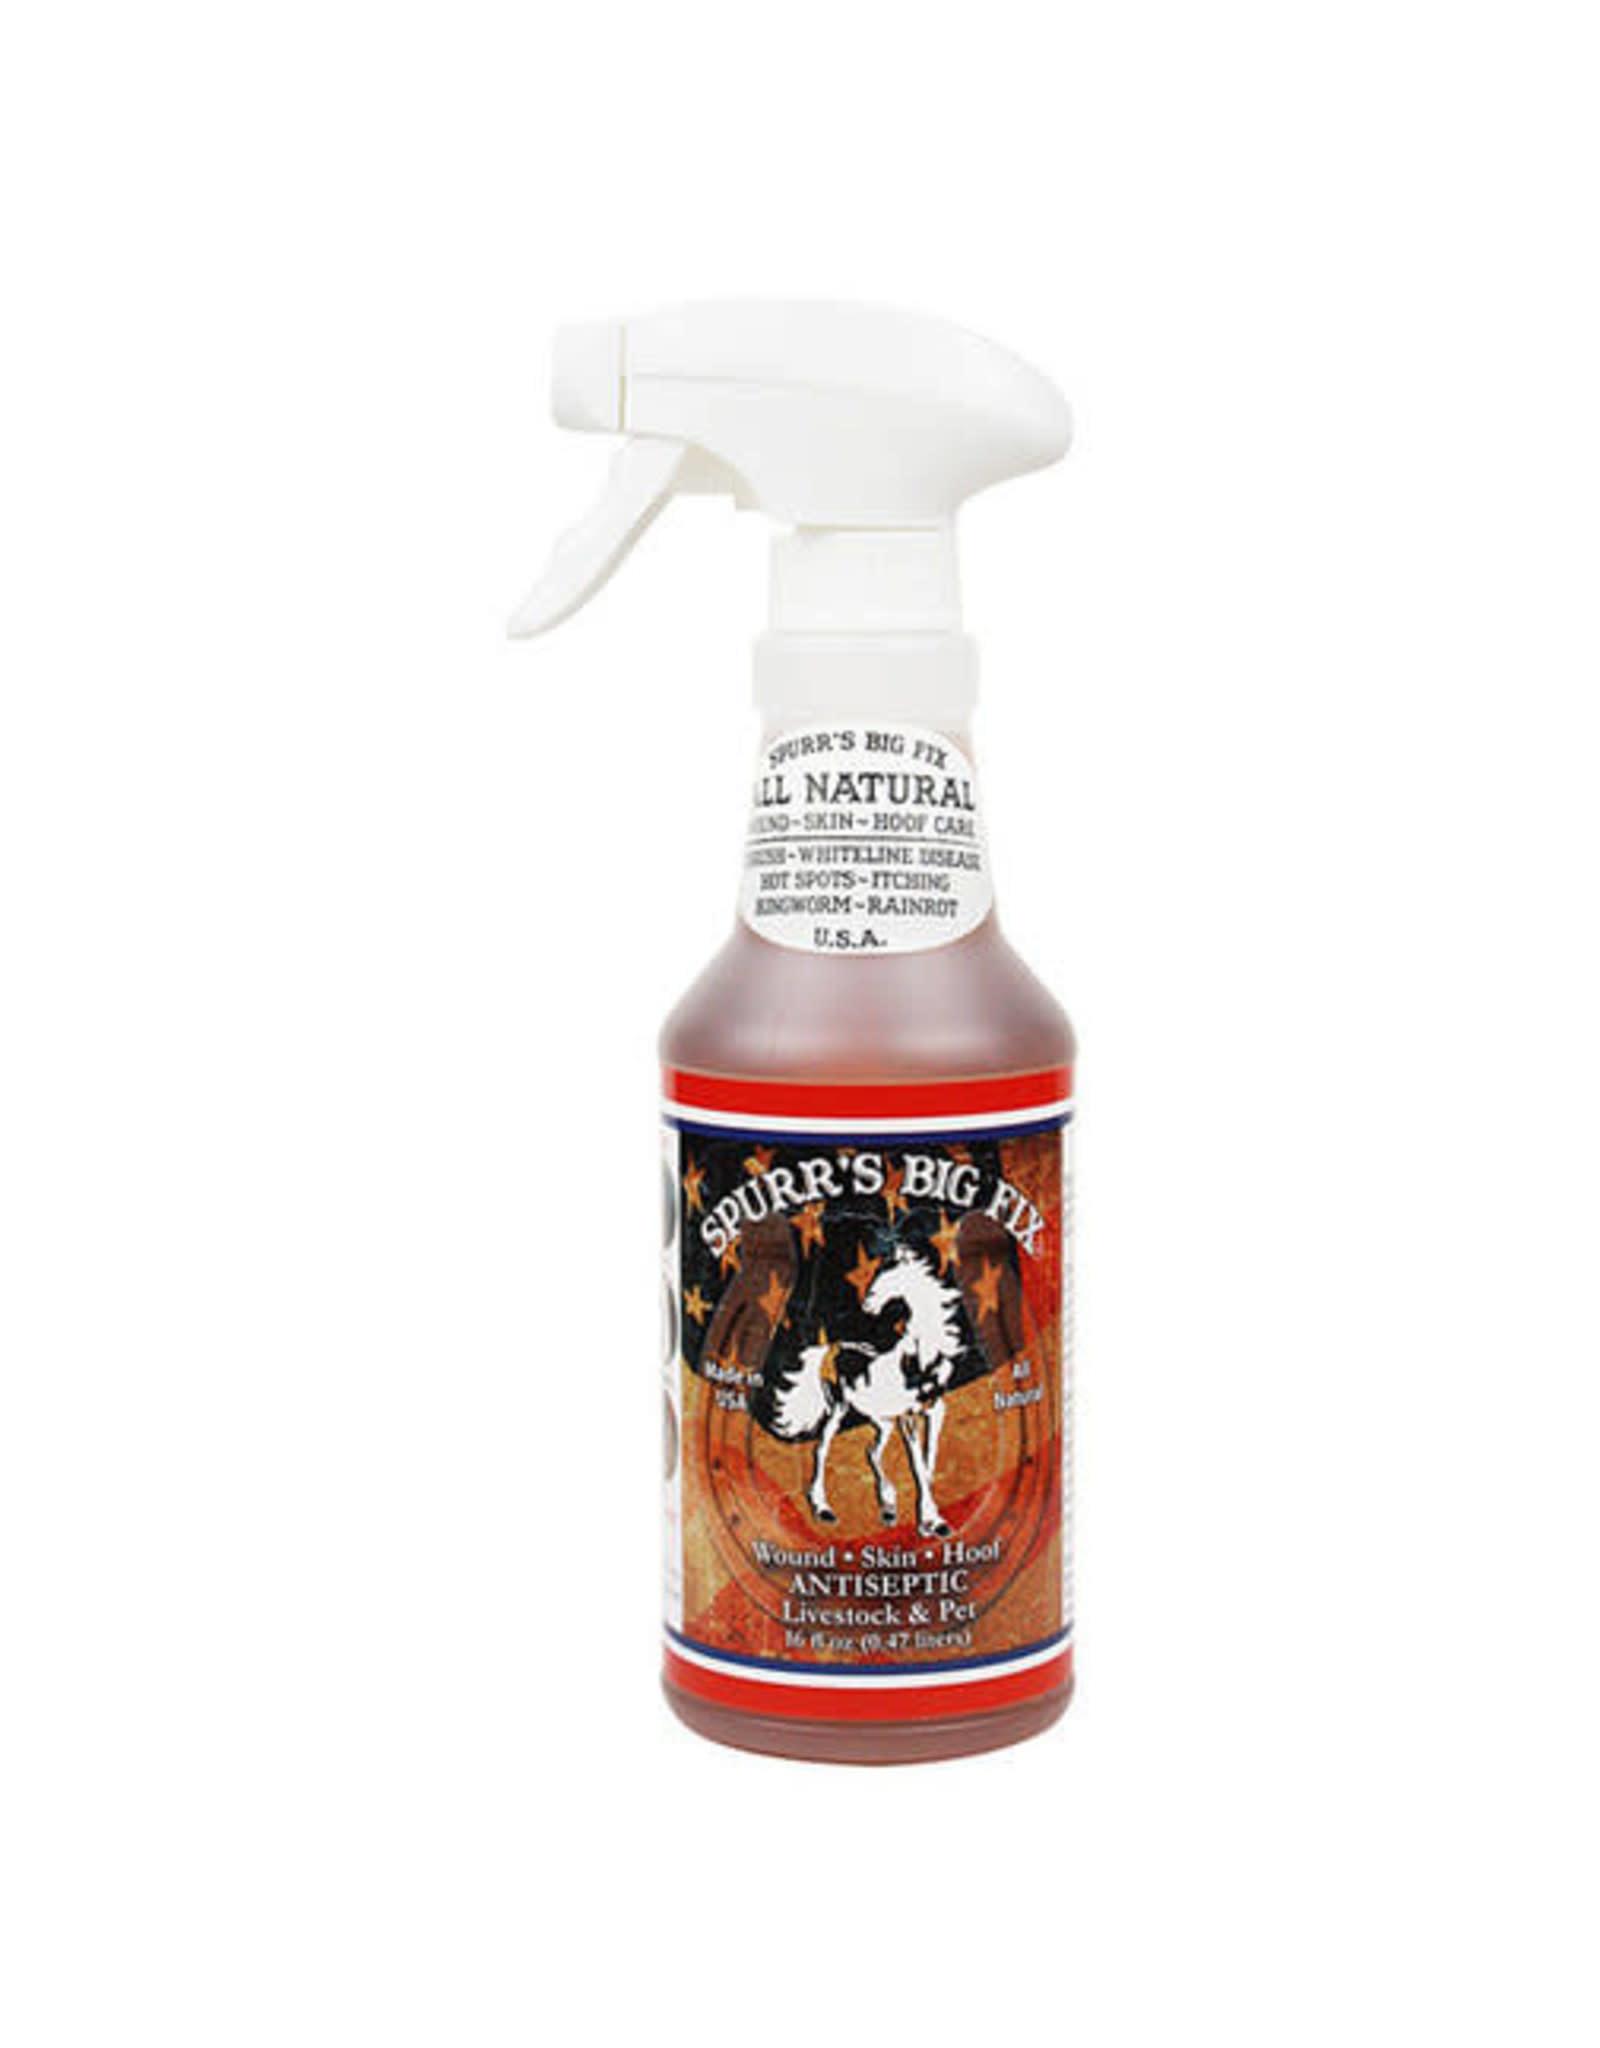 Spurr's Big FIx Spurr's Big Fix 16oz Spray Wound/Skin/Hoof Care